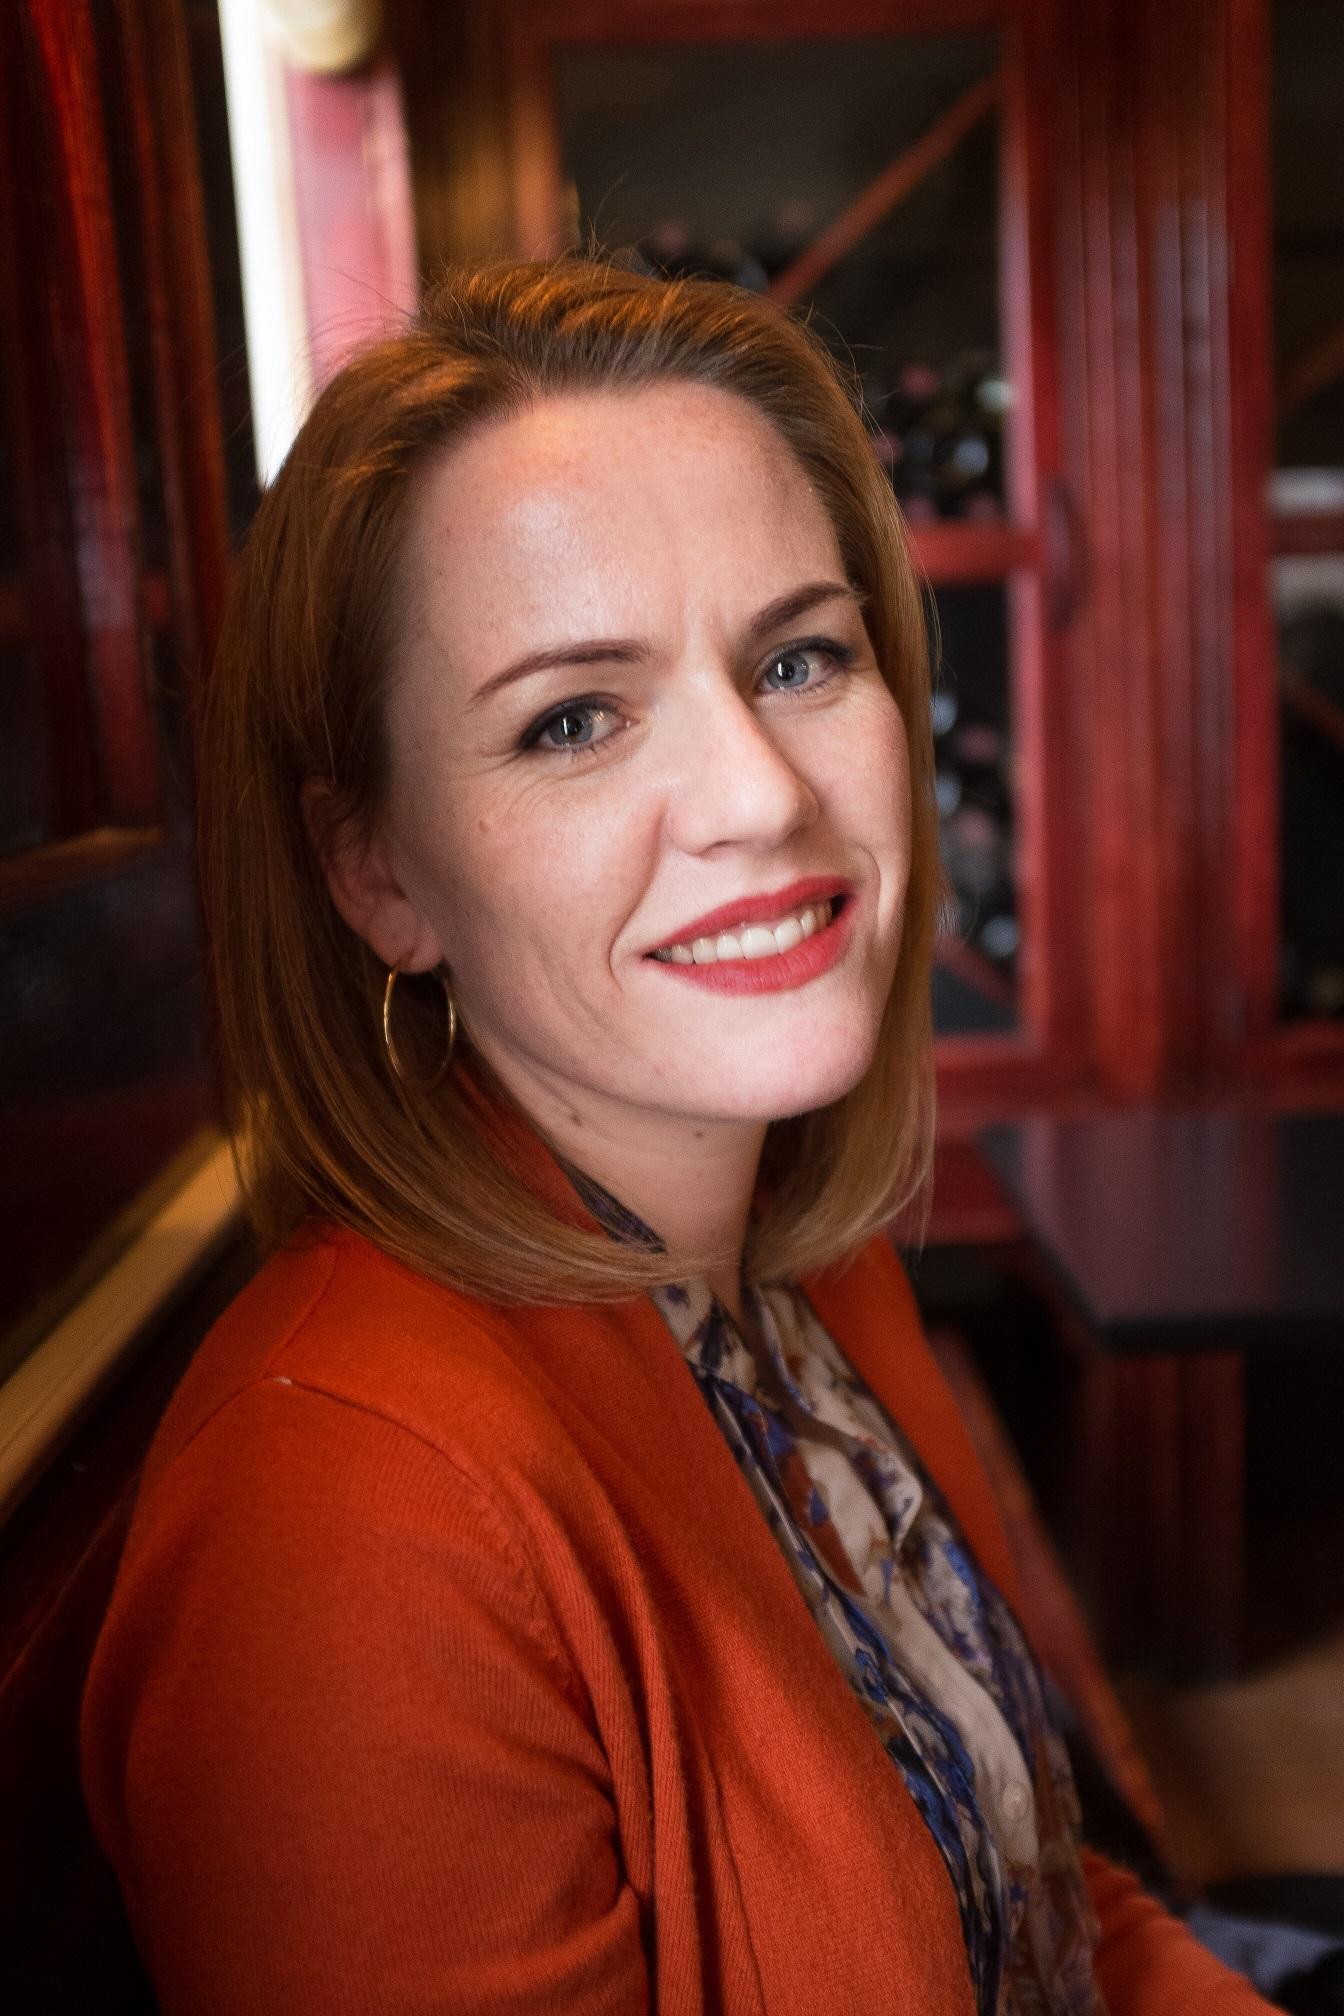 Natalie Irwin